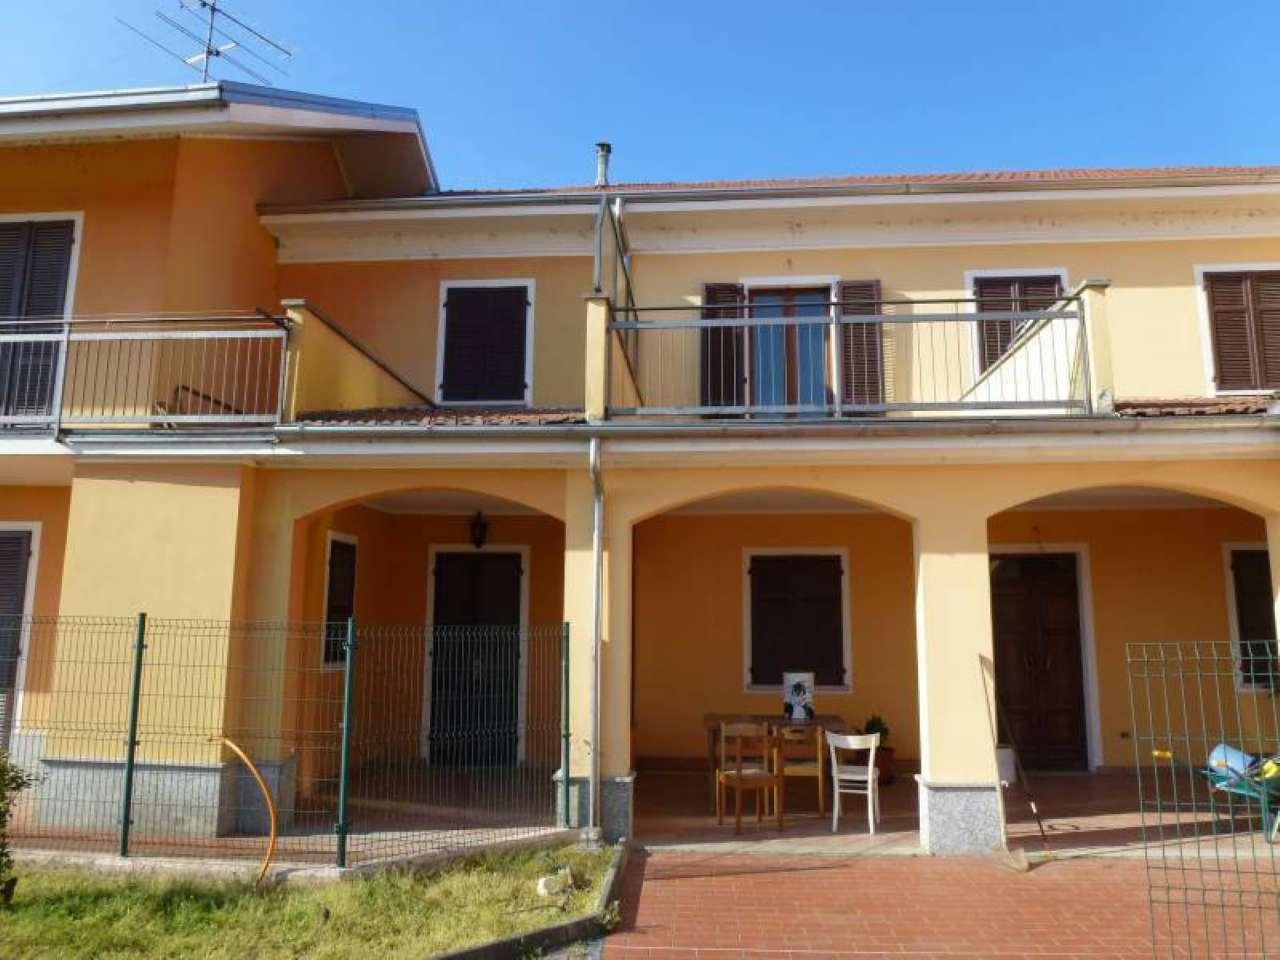 Villa Bifamiliare in vendita a Asigliano Vercellese, 6 locali, prezzo € 185.000 | CambioCasa.it